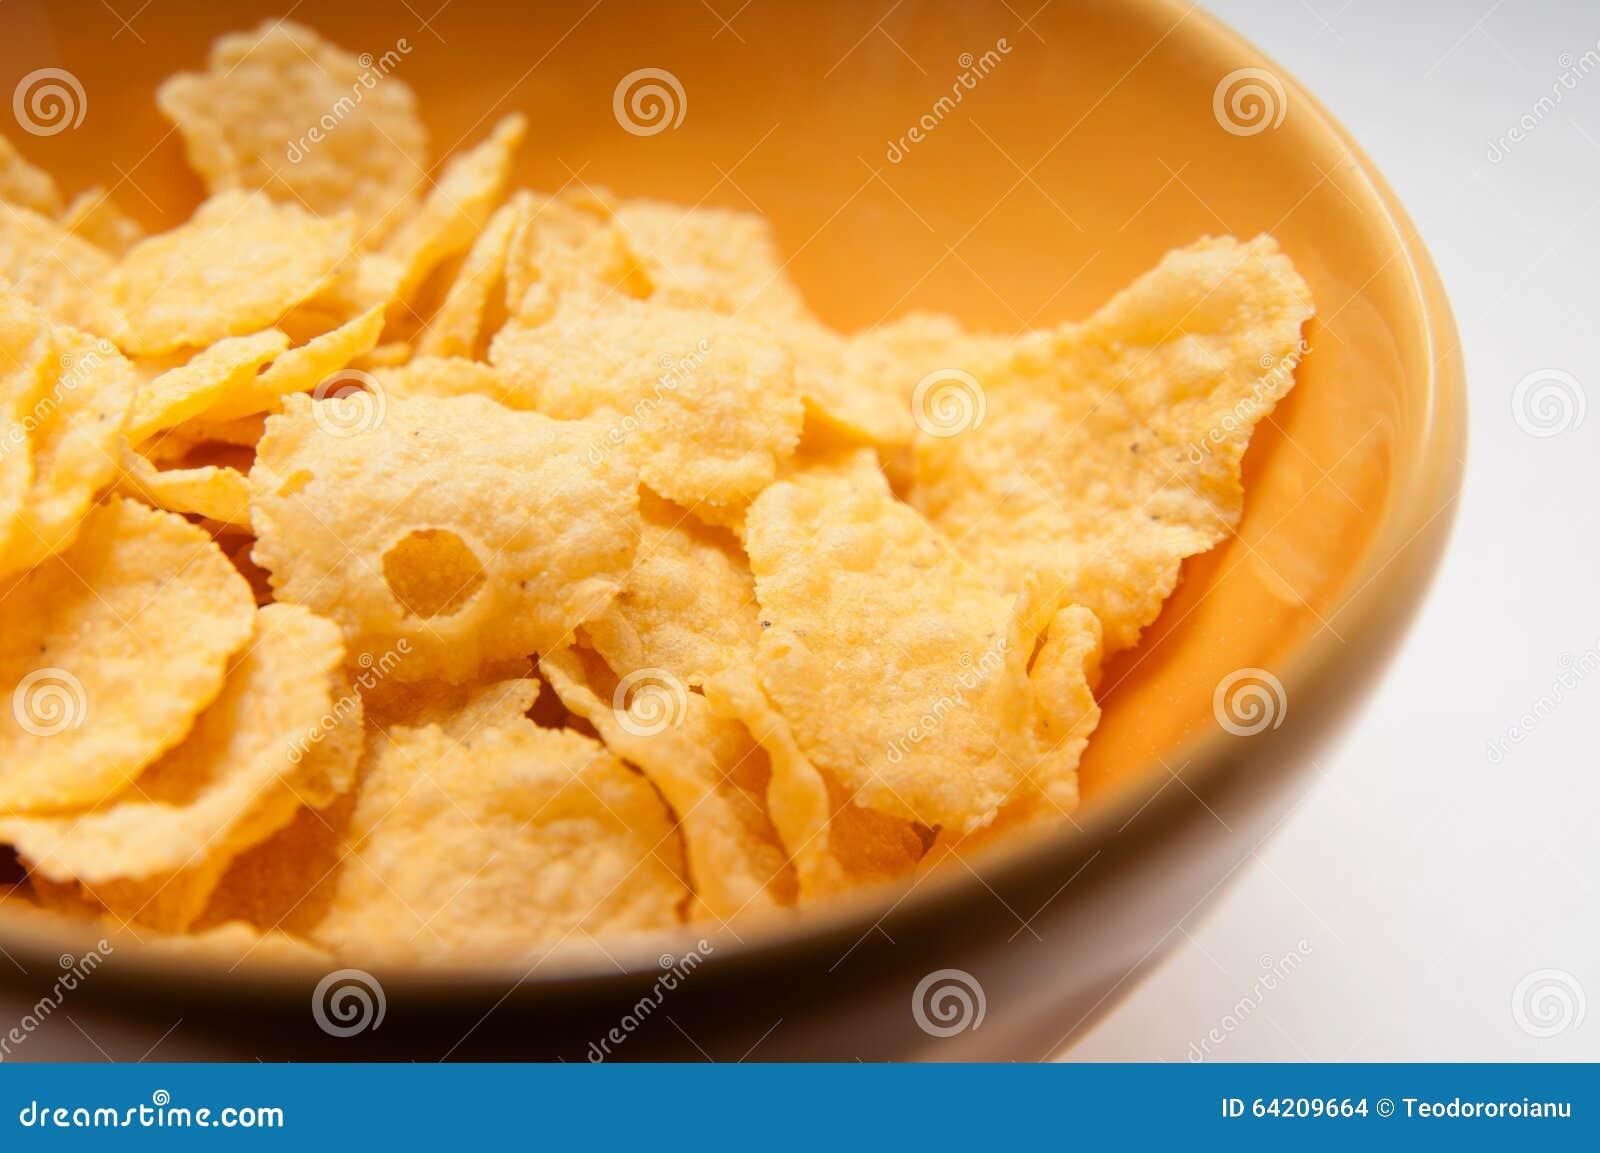 Detalle del cuenco de cereal